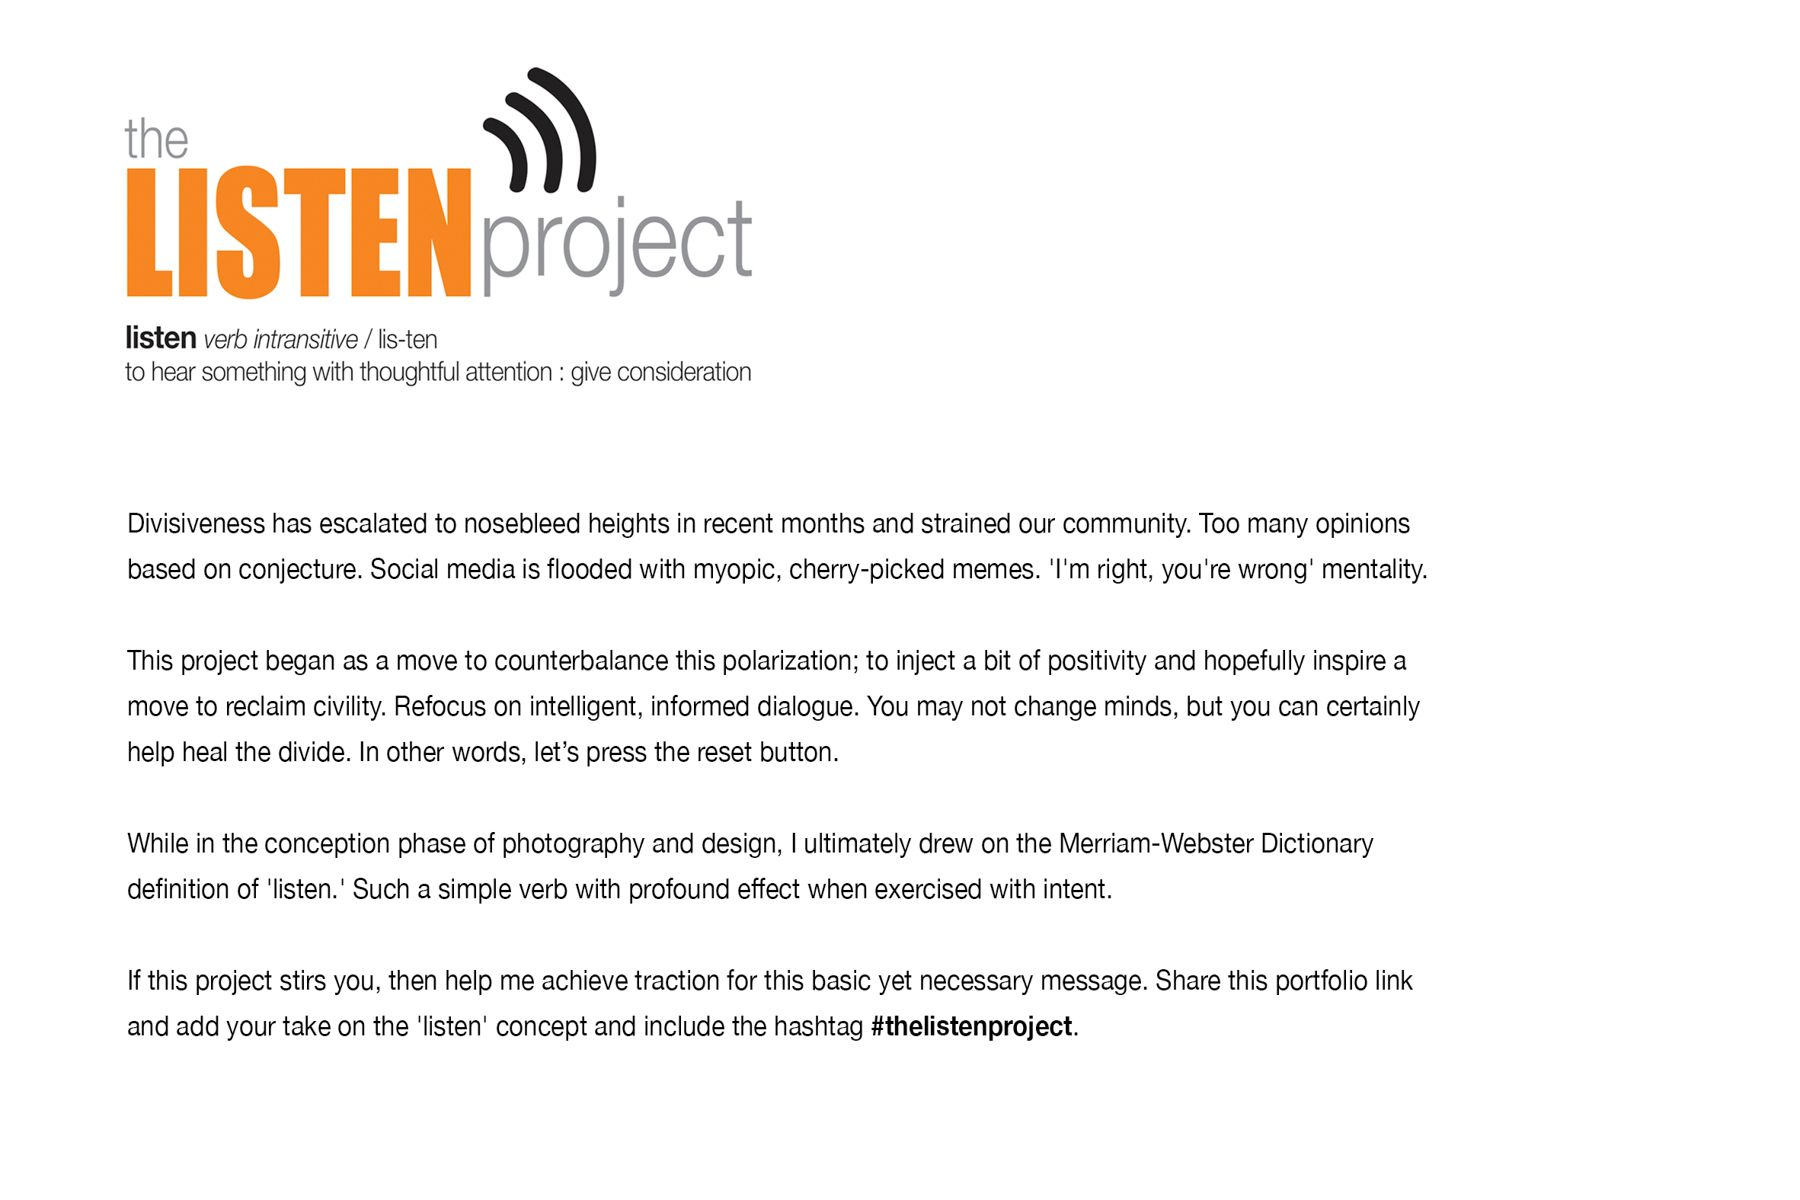 listenprojectlogotext.jpg